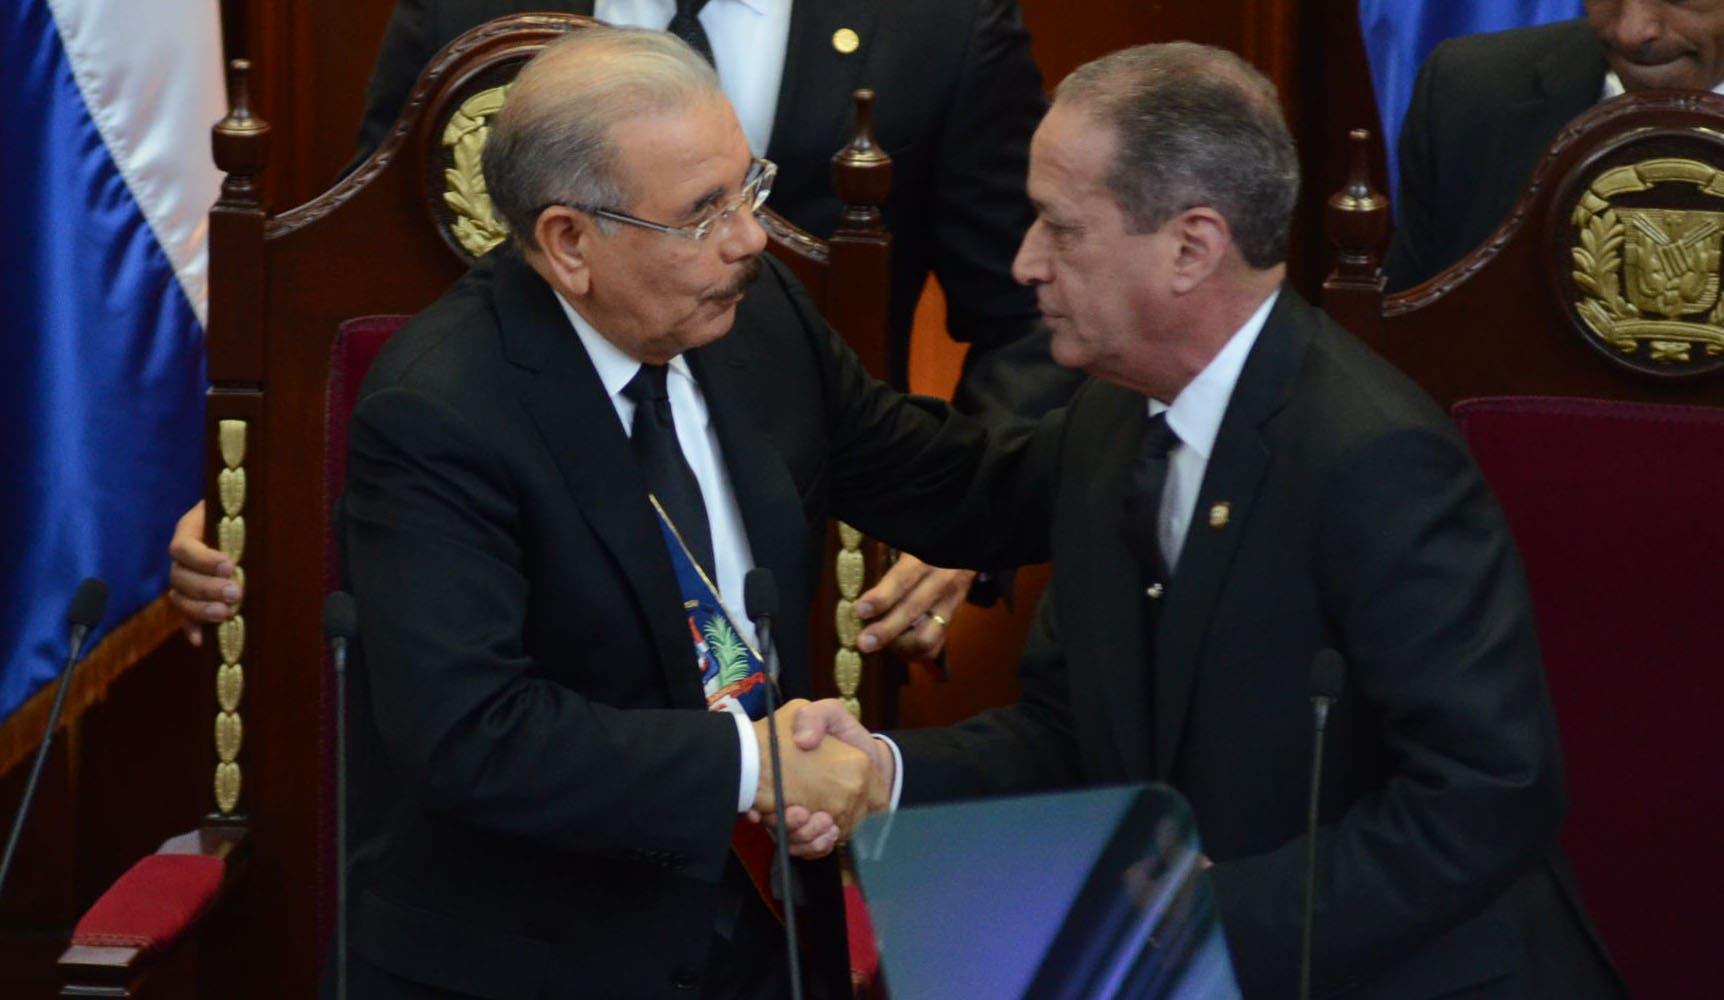 10. El presidente Danilo Medina y el presidente del Senado se dan la mano luego de que ste último pronunciara su discurso. Foto:  José de León